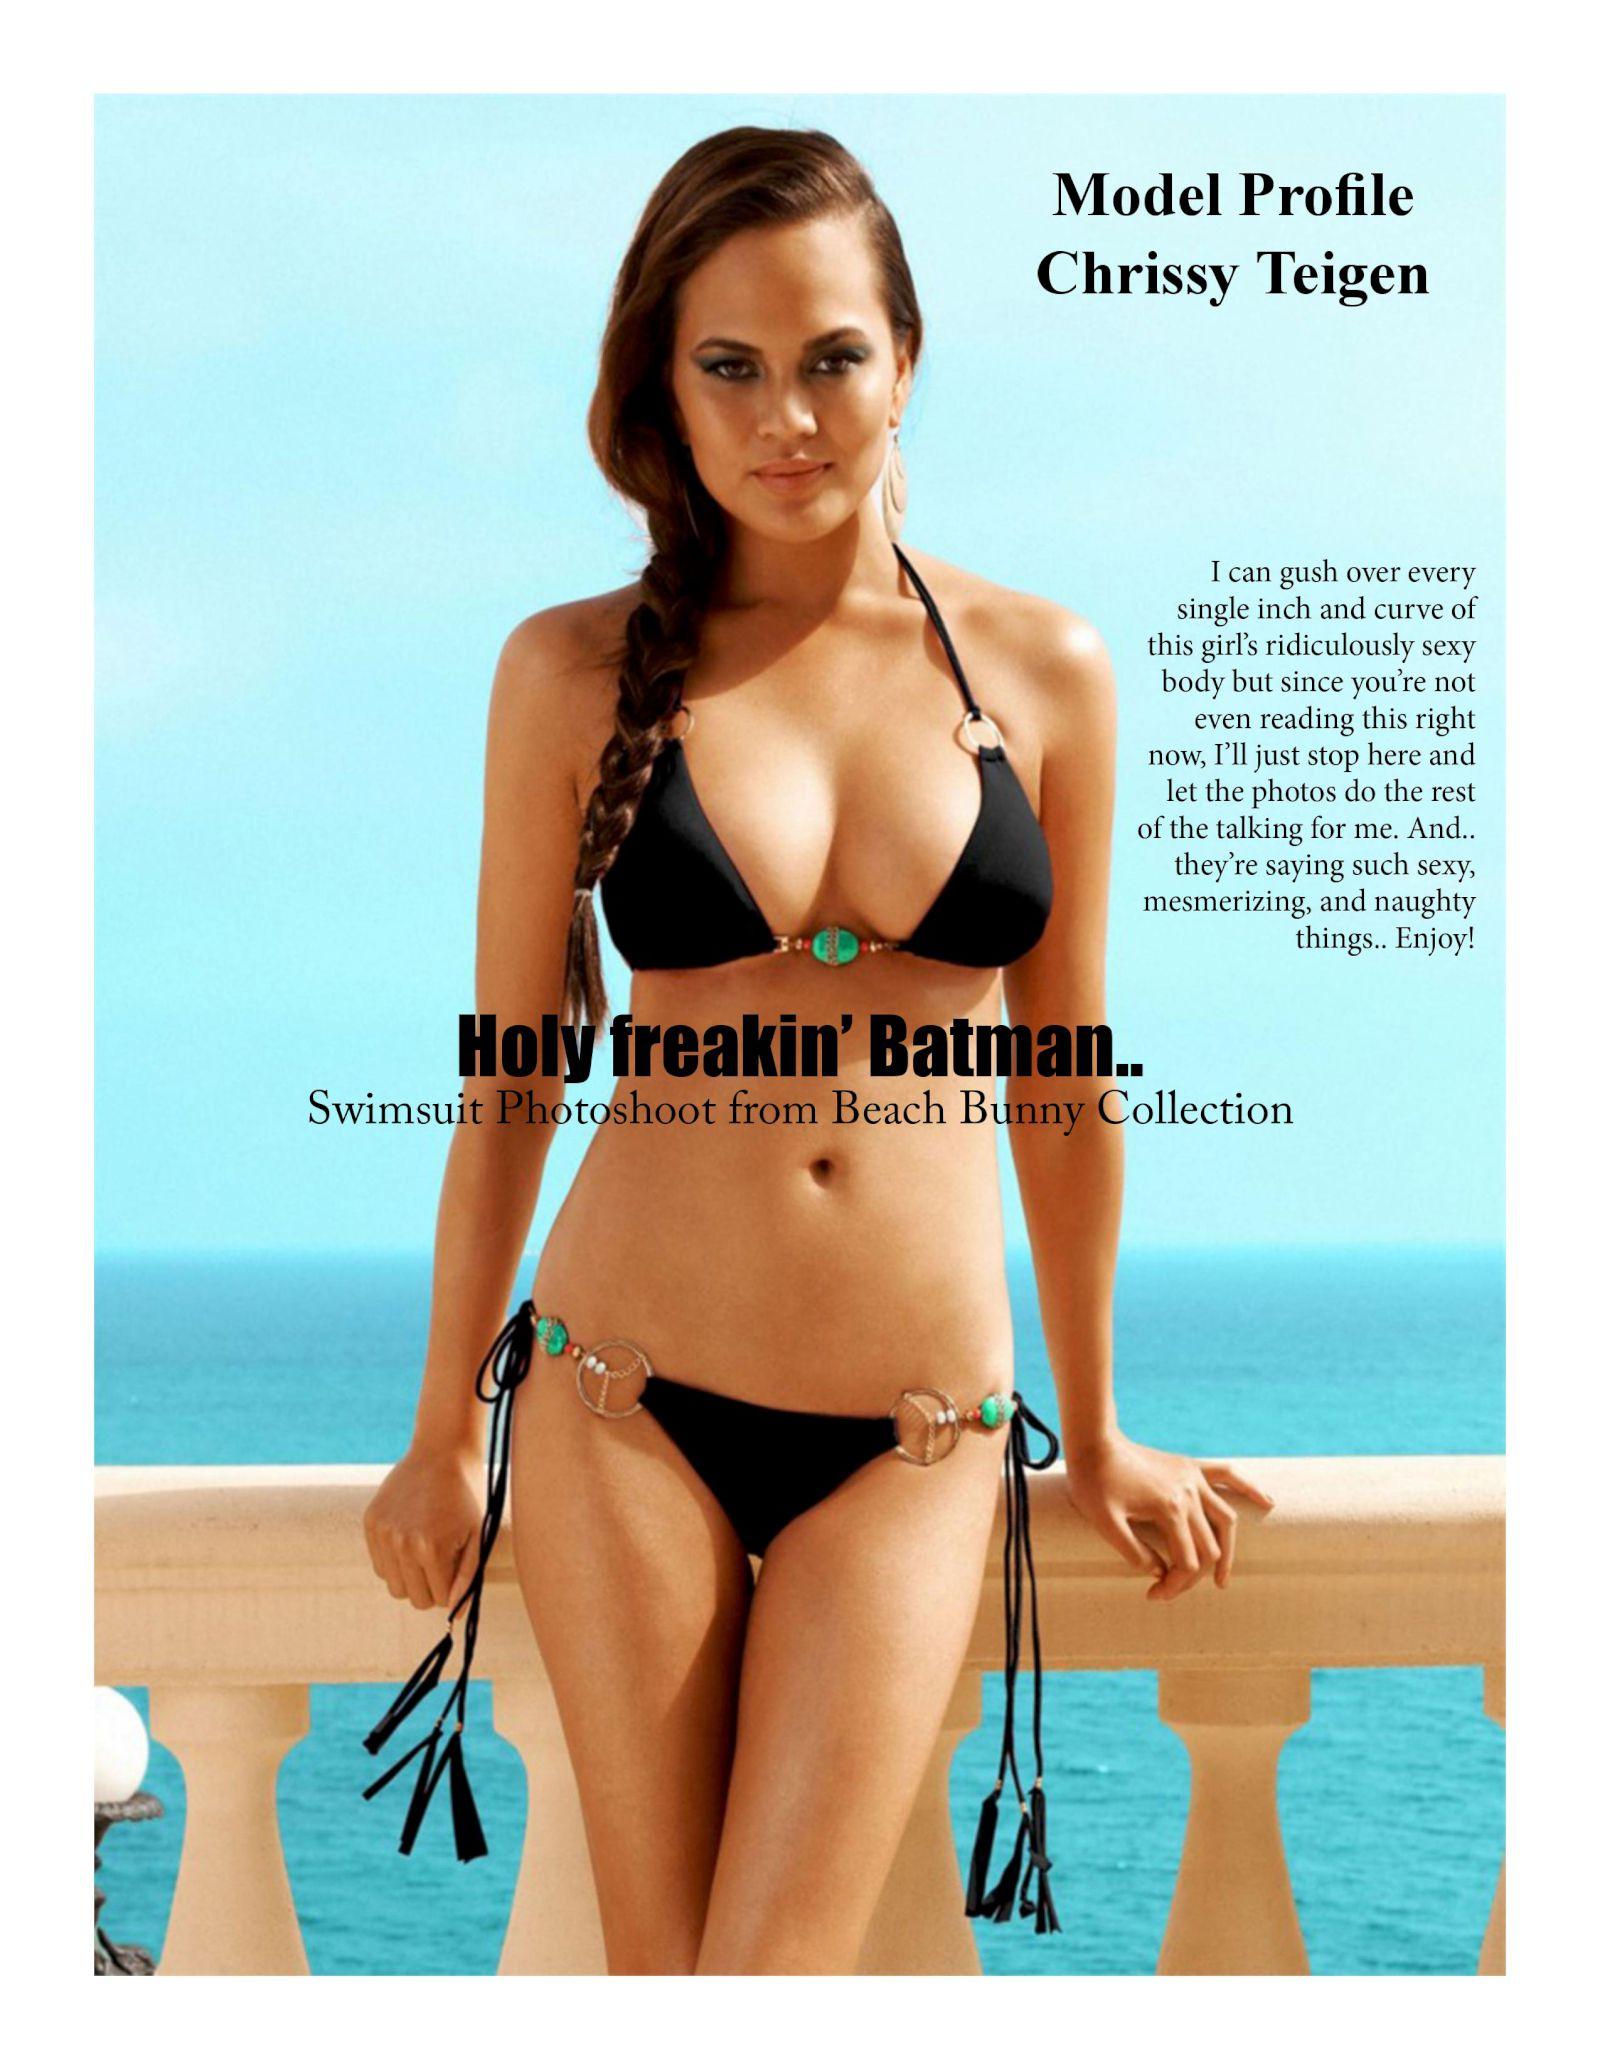 Chrissy Teigen Hot Celebs Home Joss Picture Cam